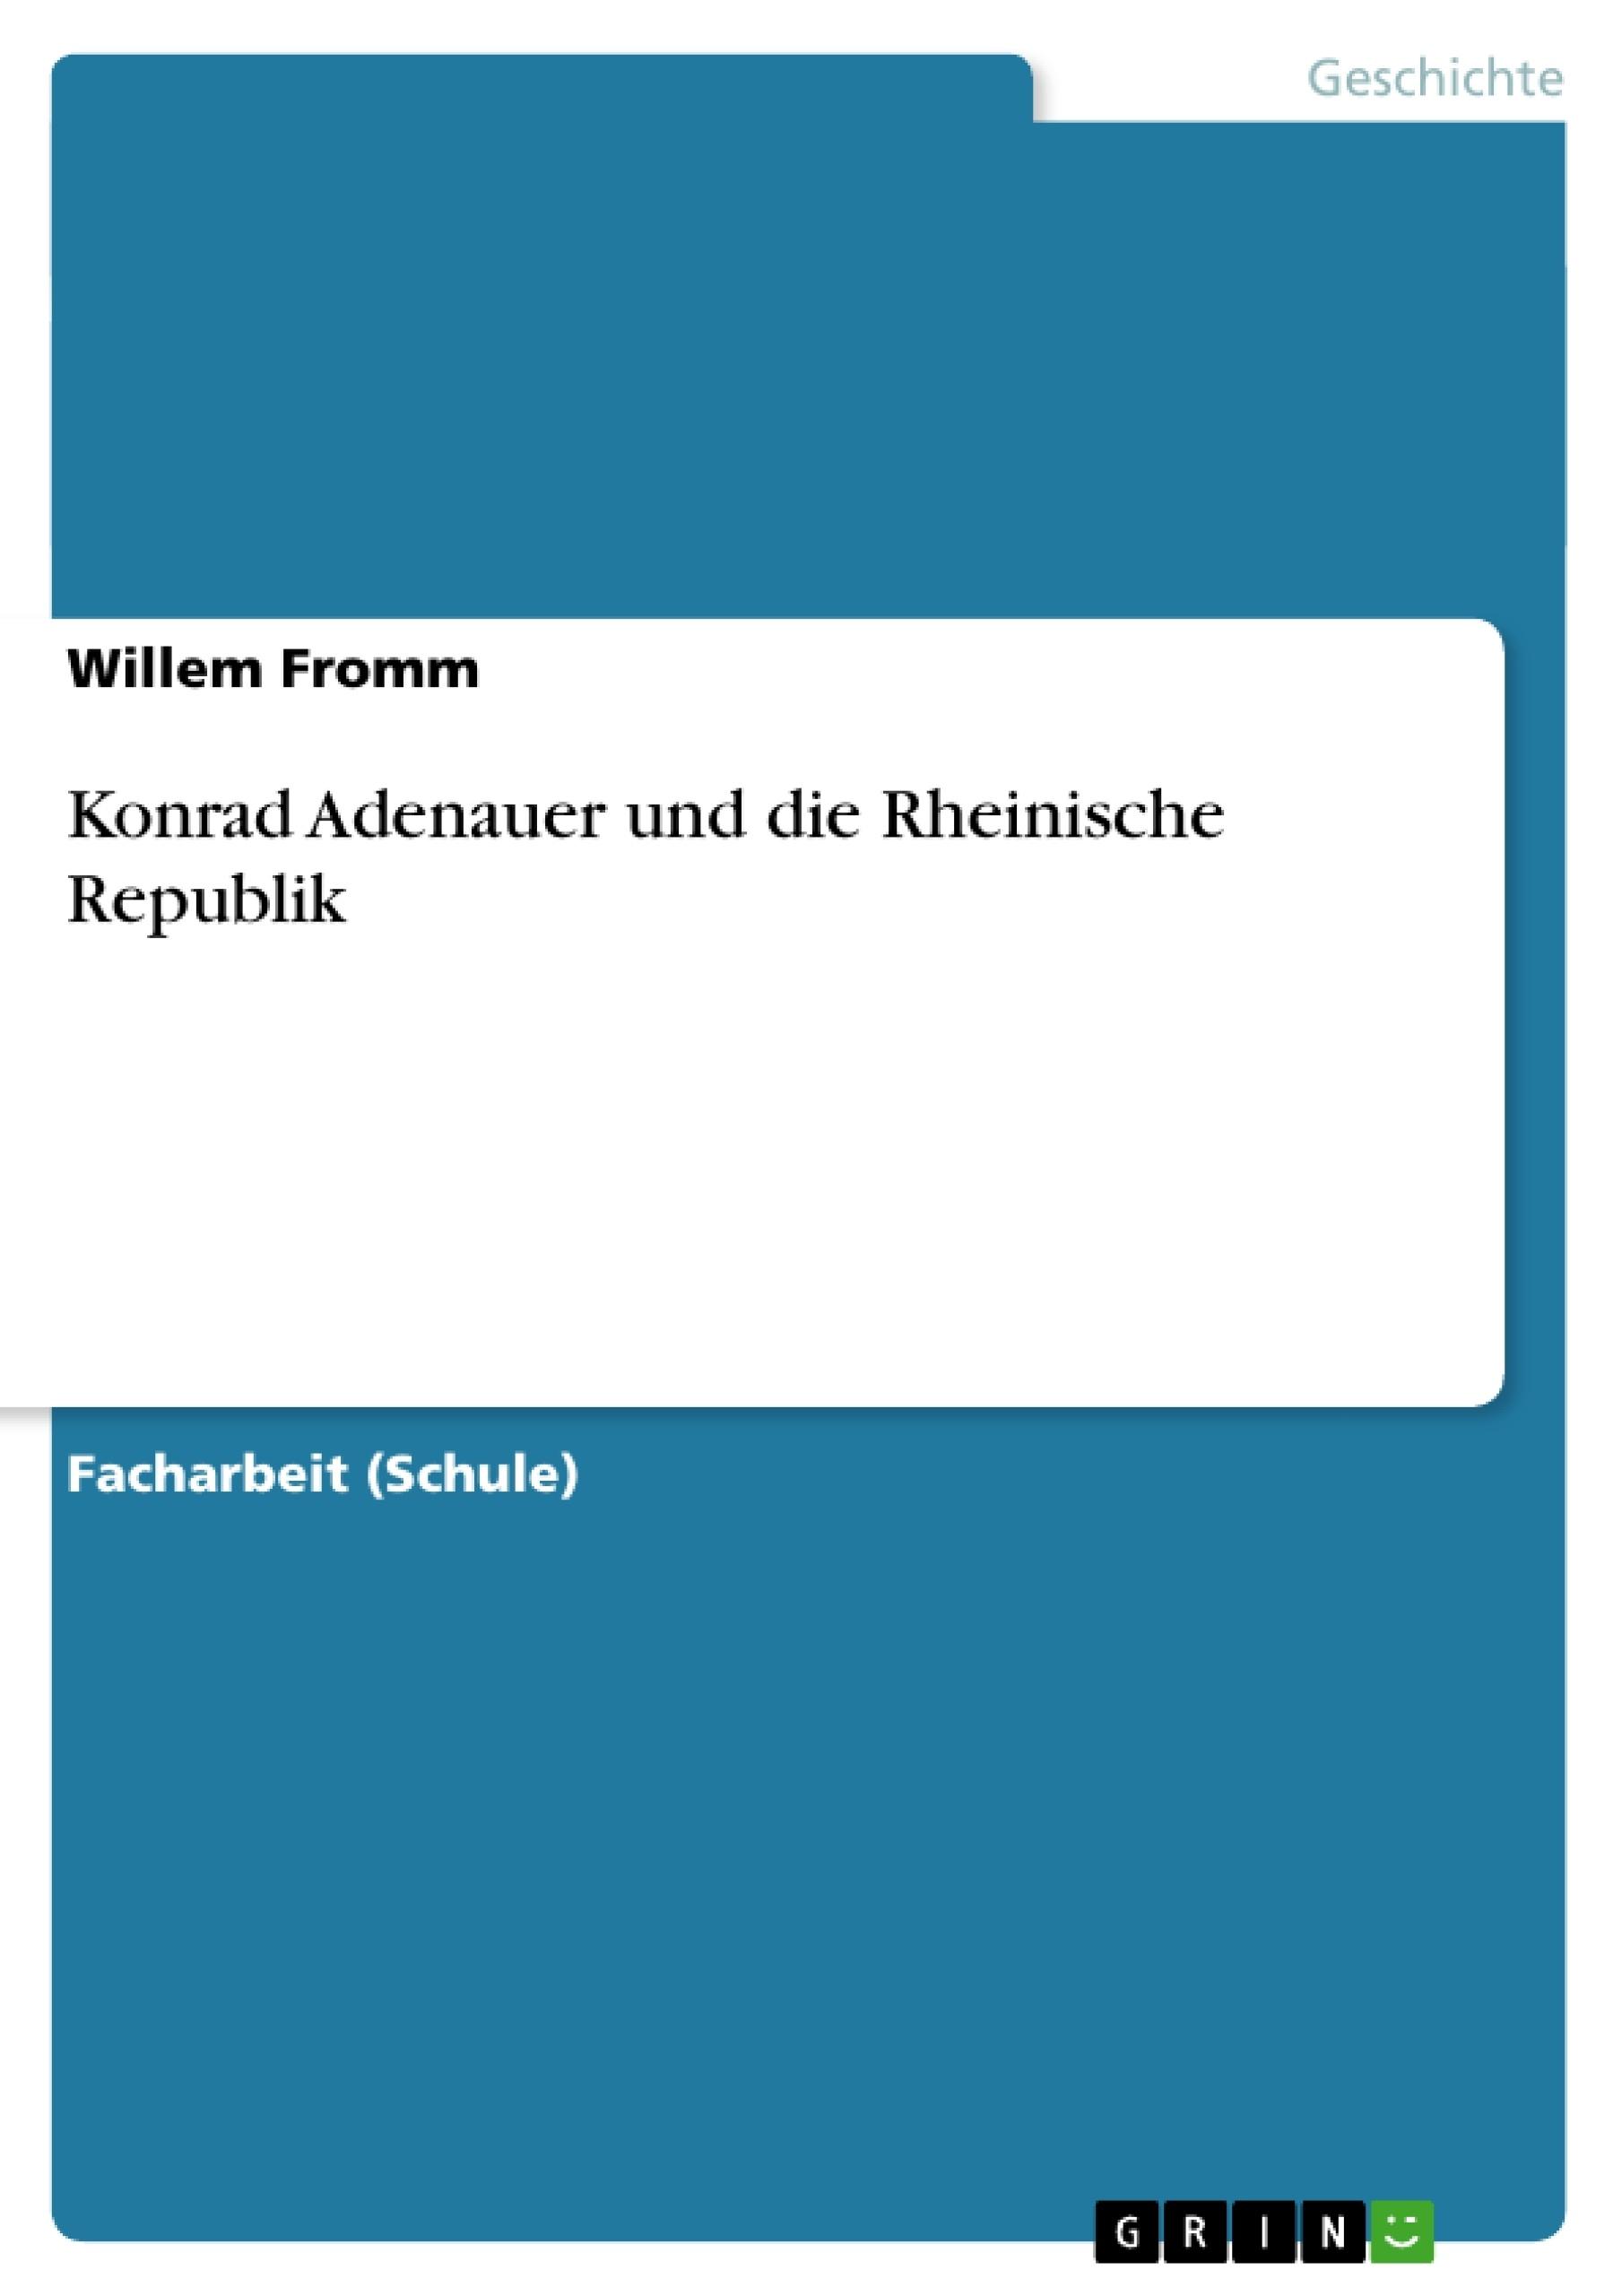 Titel: Konrad Adenauer und die Rheinische Republik